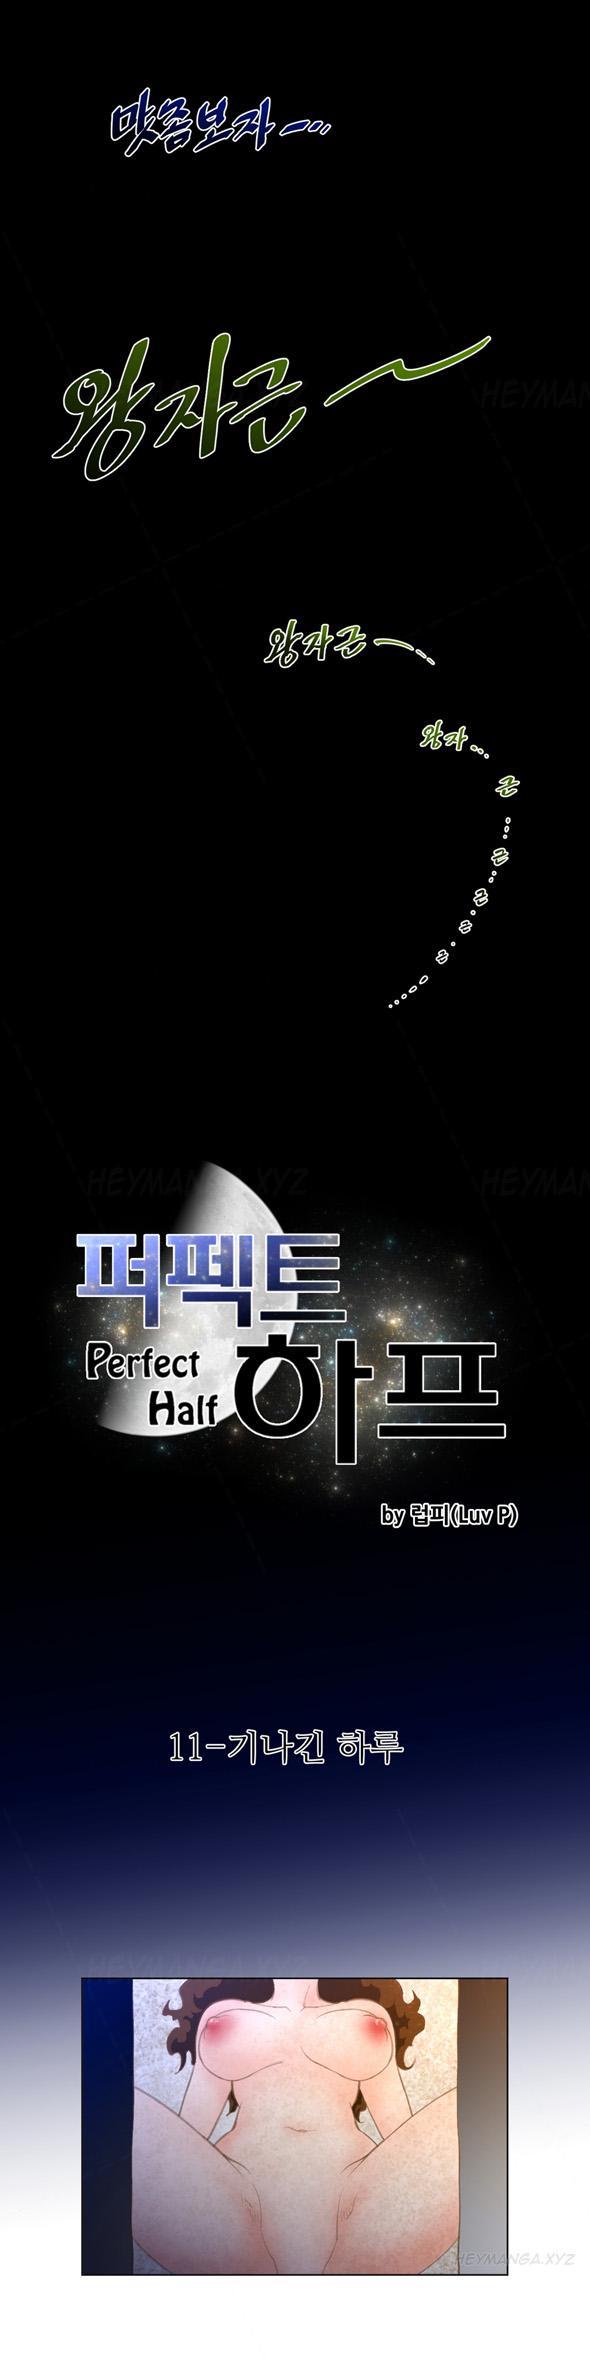 Perfect Half Ch.1-22 300